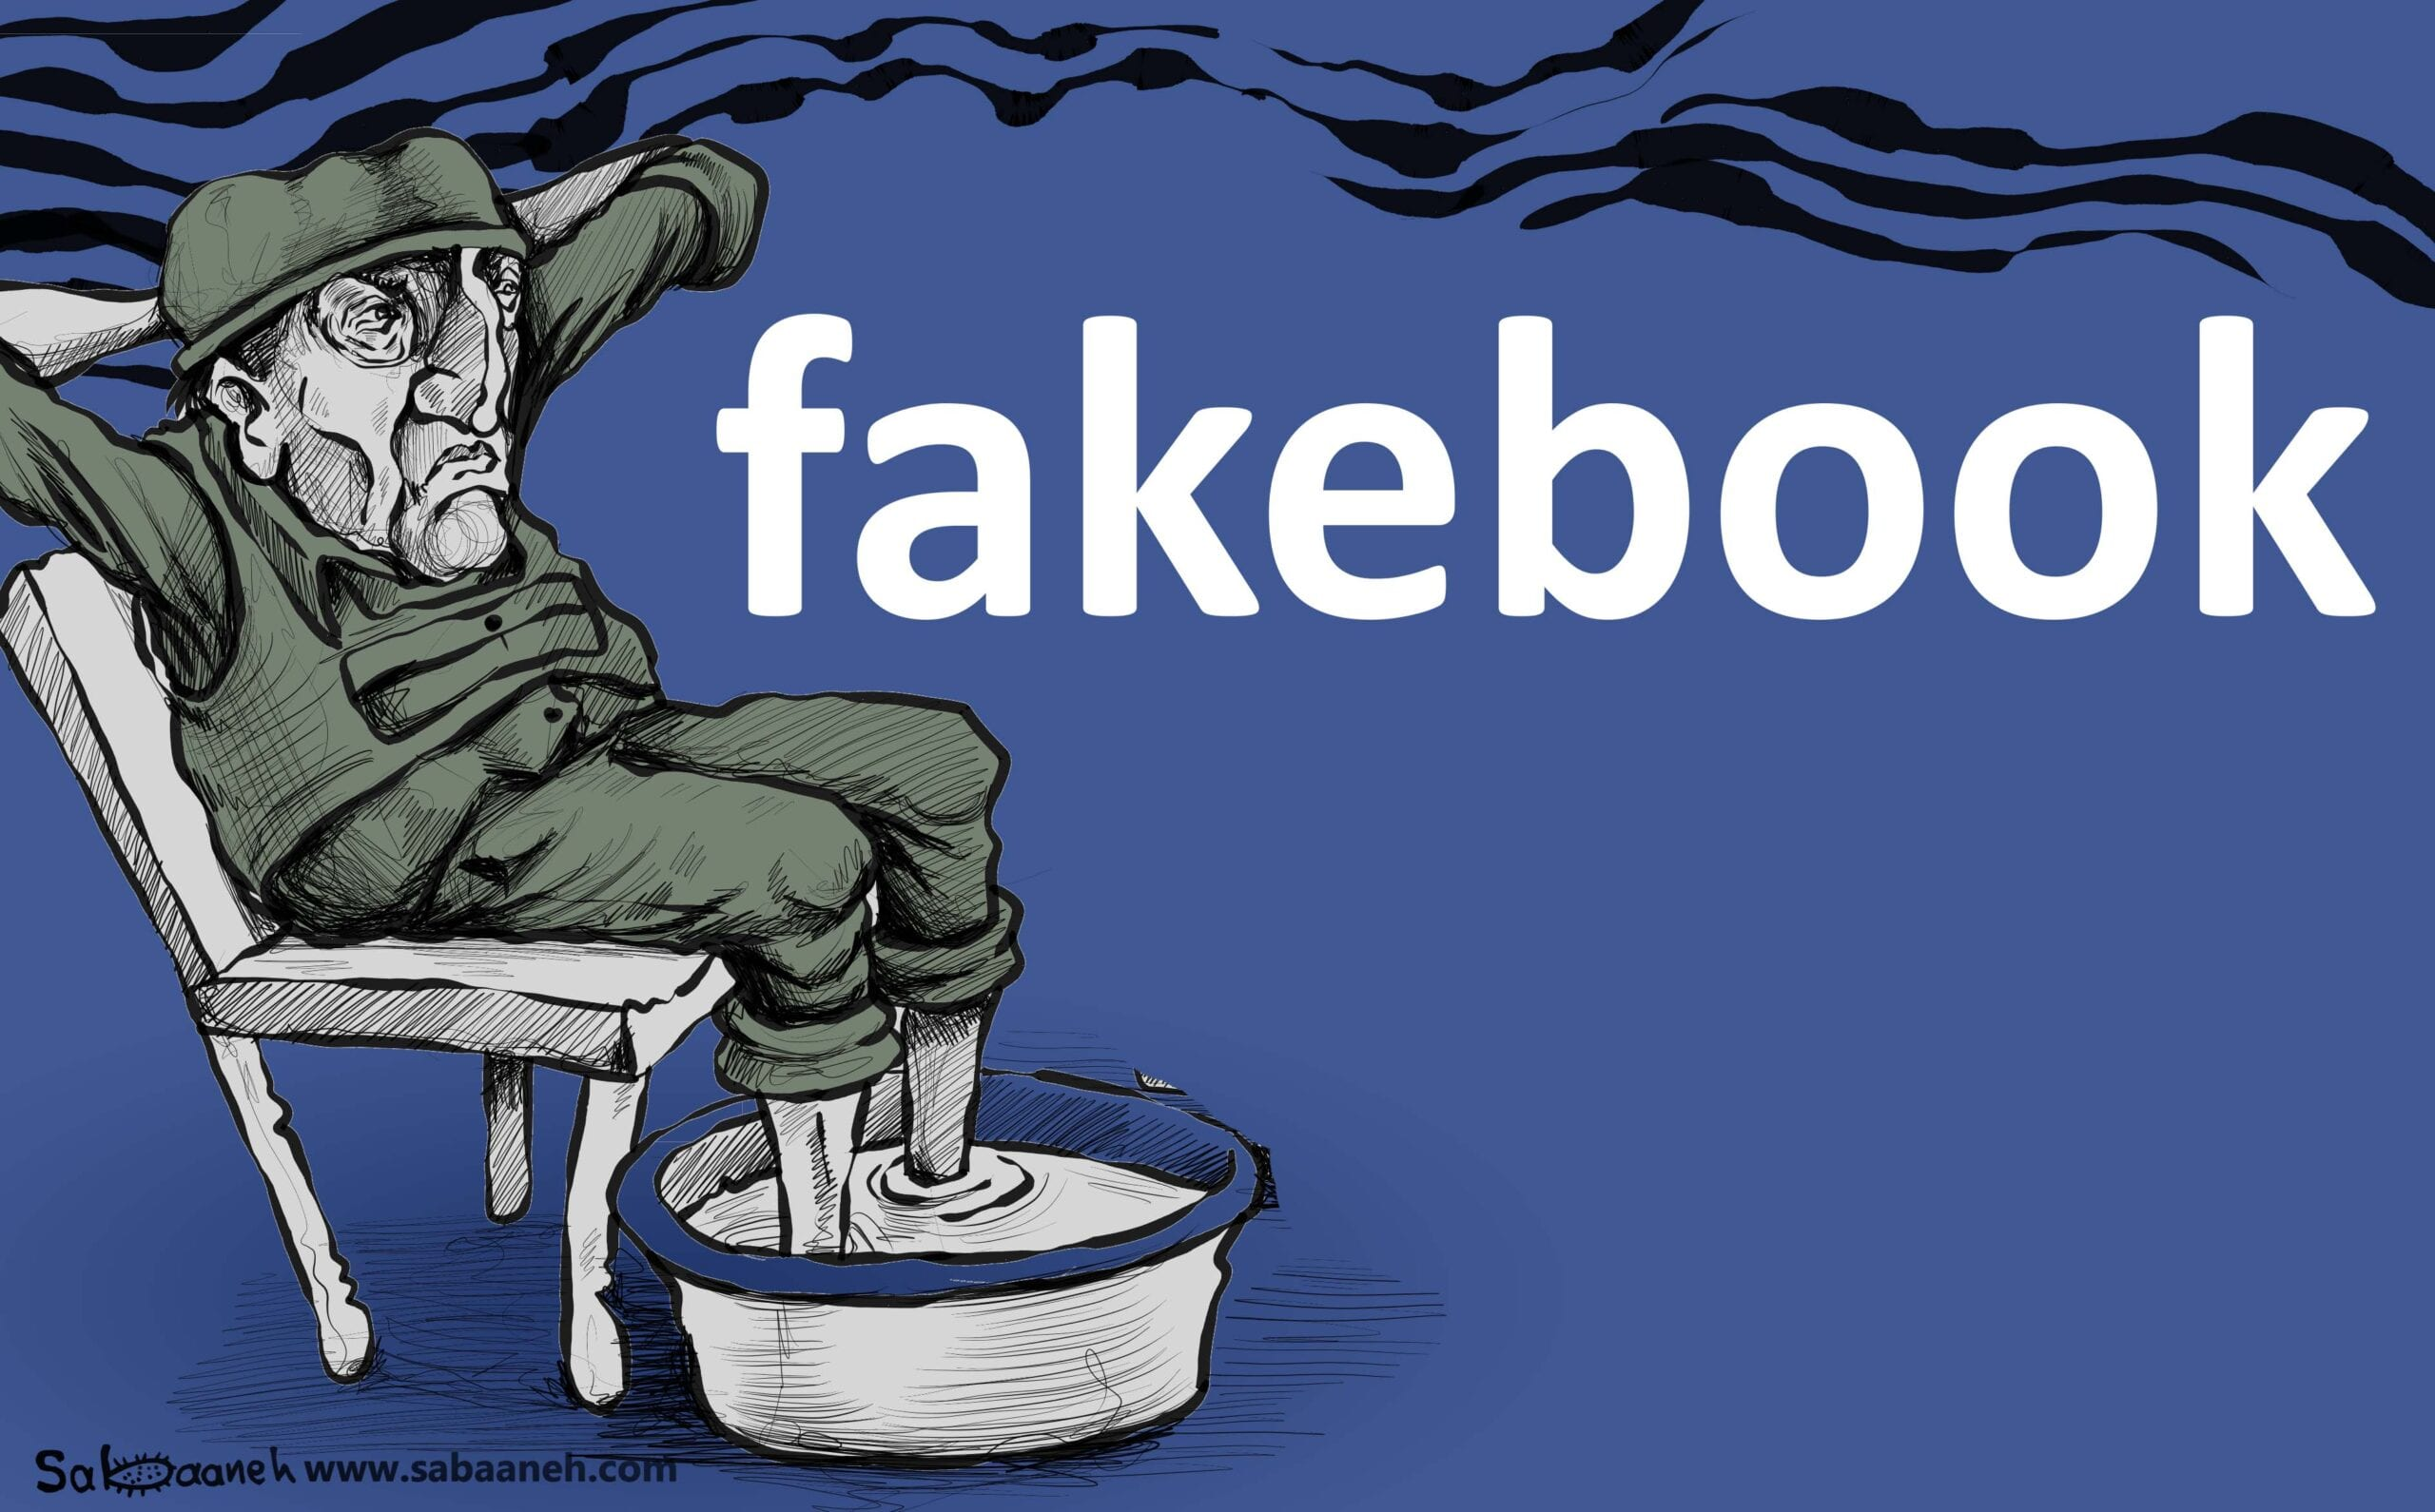 Is Facebook censoring Palestine? - Cartoon [Sabaaneh/MiddleEastMonitor]